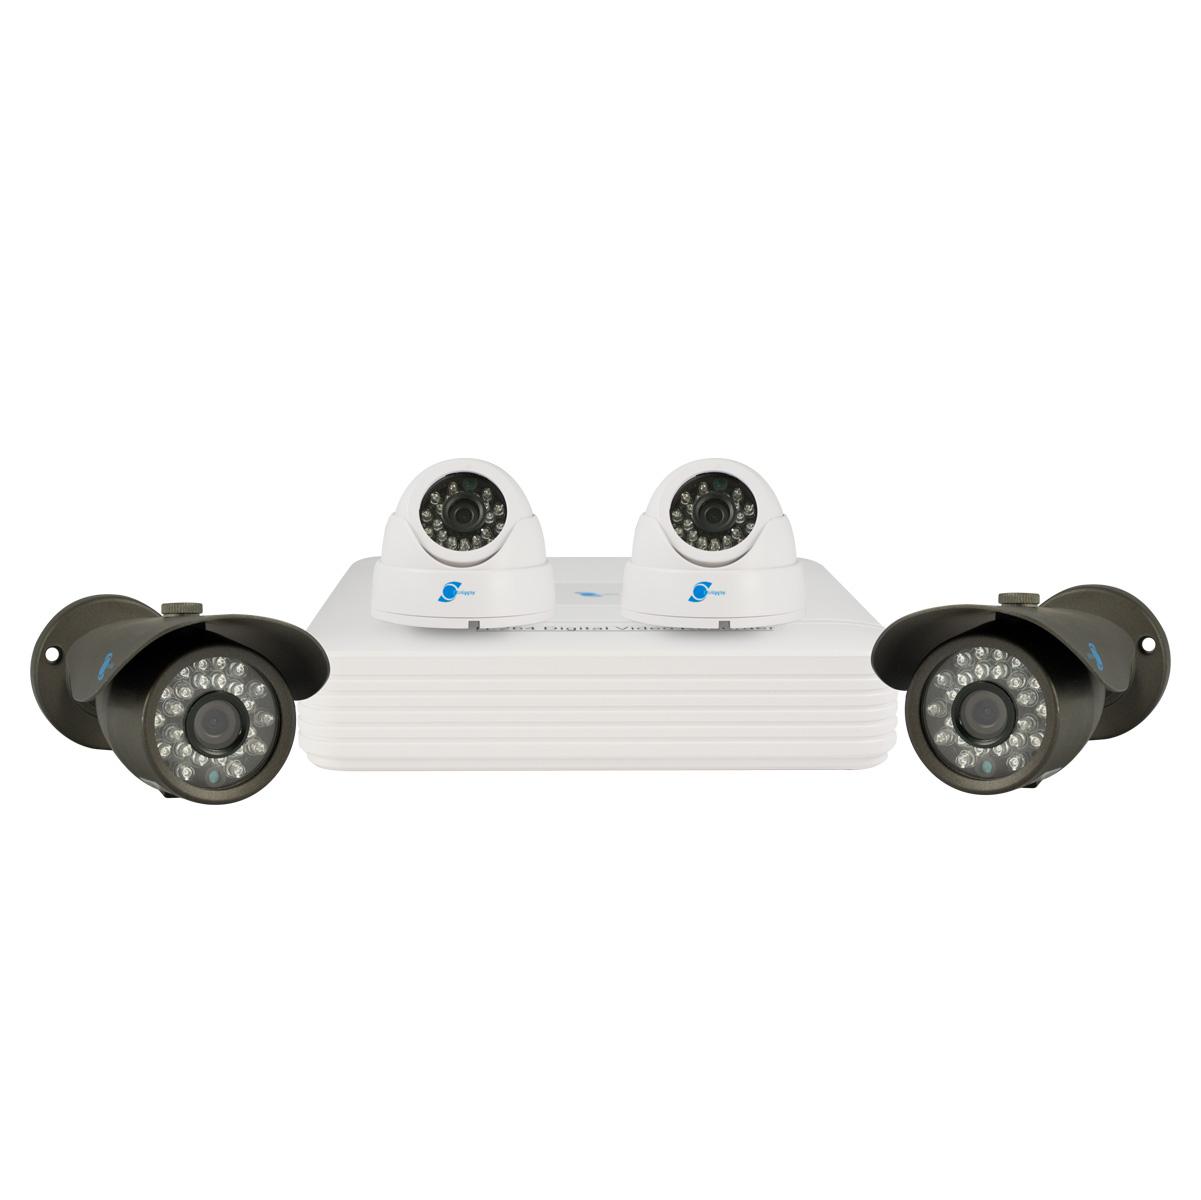 Kit of 4 cameras, HDIS CMOS Sensor, 900TVL, H264/G711A, D1, Pentaplex